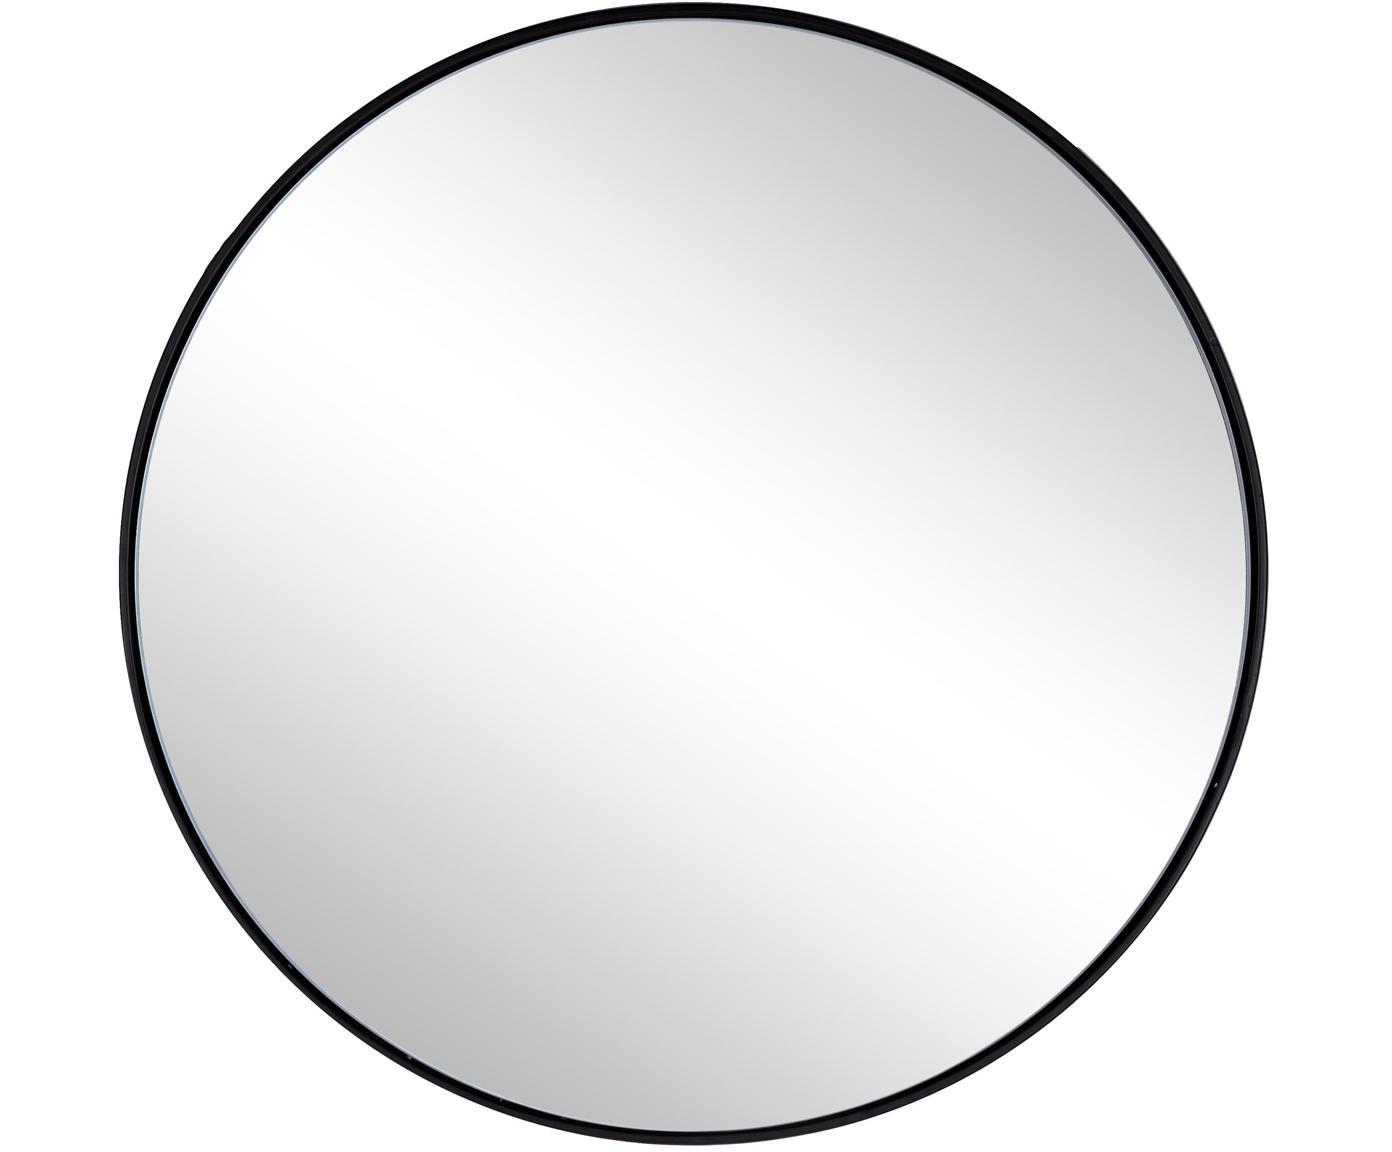 Runder Wandspiegel Nucleos mit schwarzem Metallrahmen, Rahmen: Metall, beschichtet, Spiegelfläche: Spiegelglas, Schwarz, Ø 50 cm